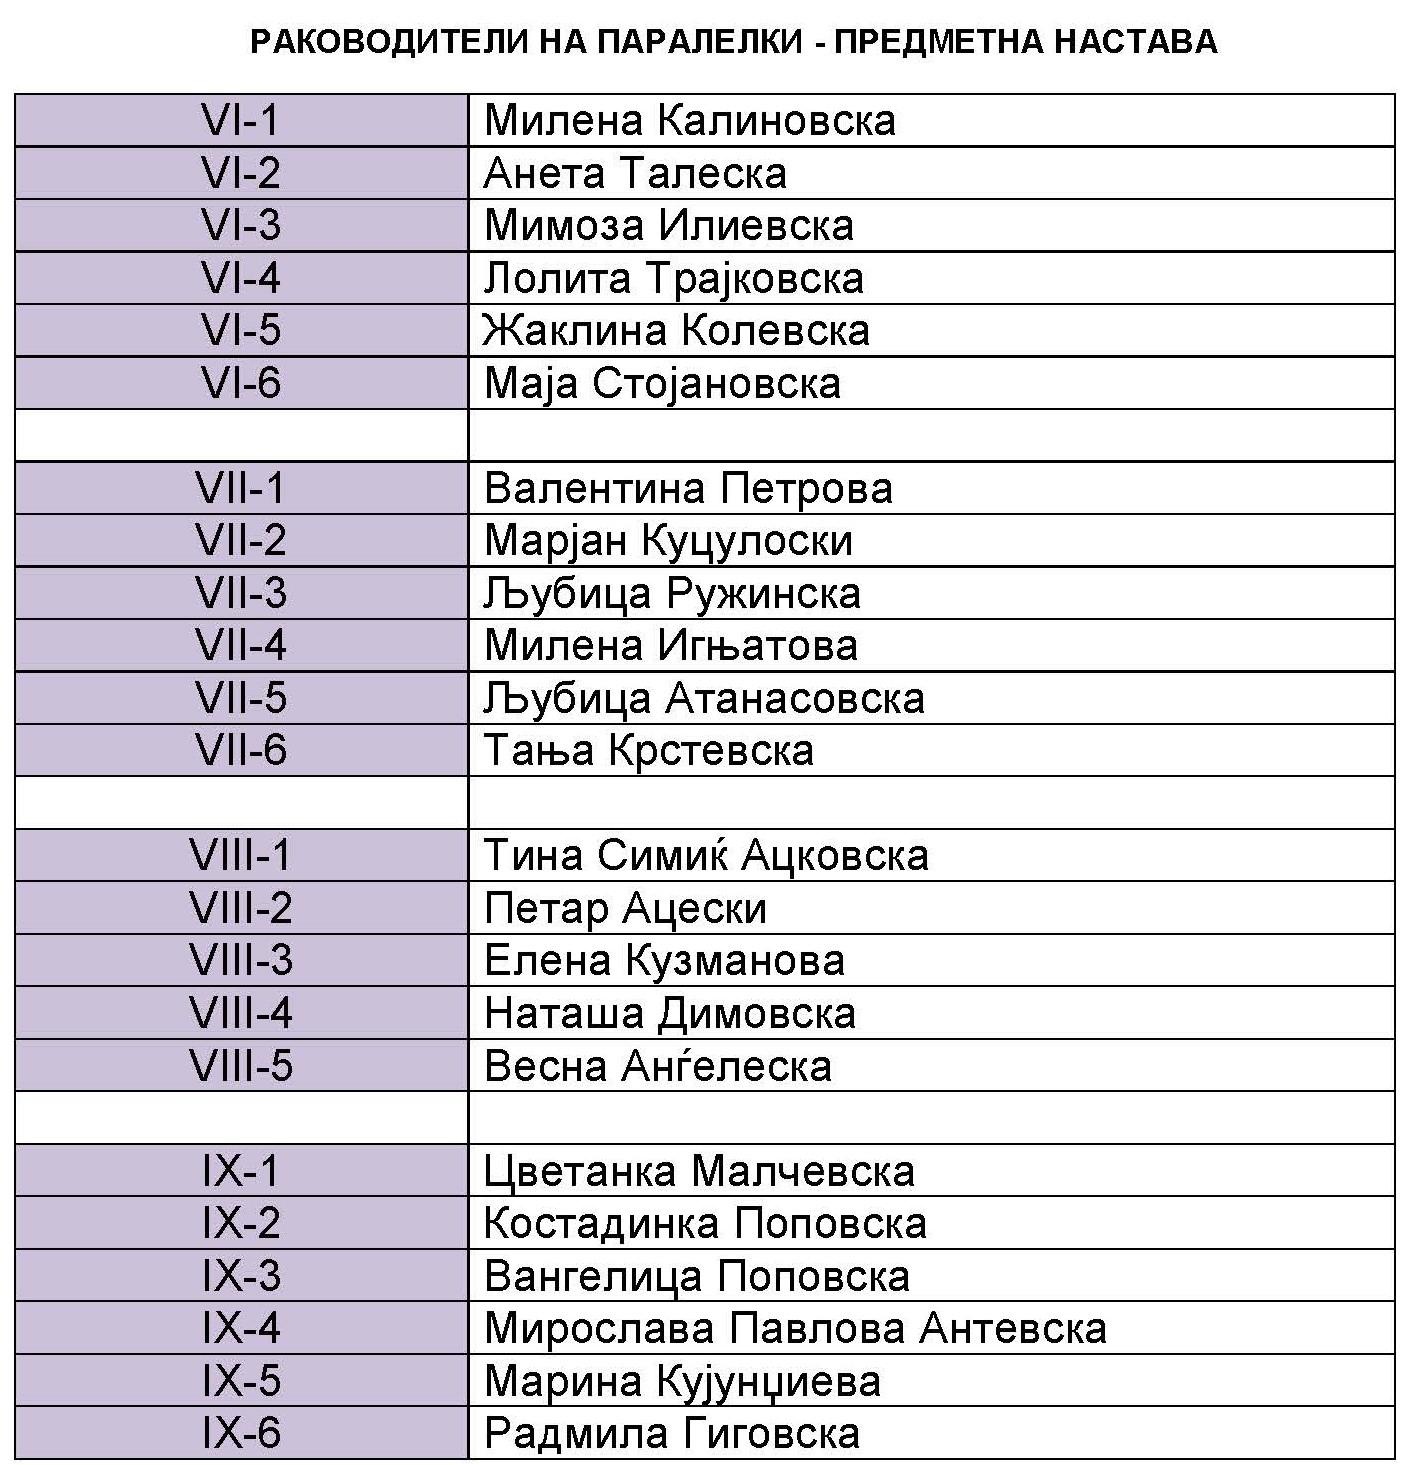 одделенски раководители 2019-20_Page_2